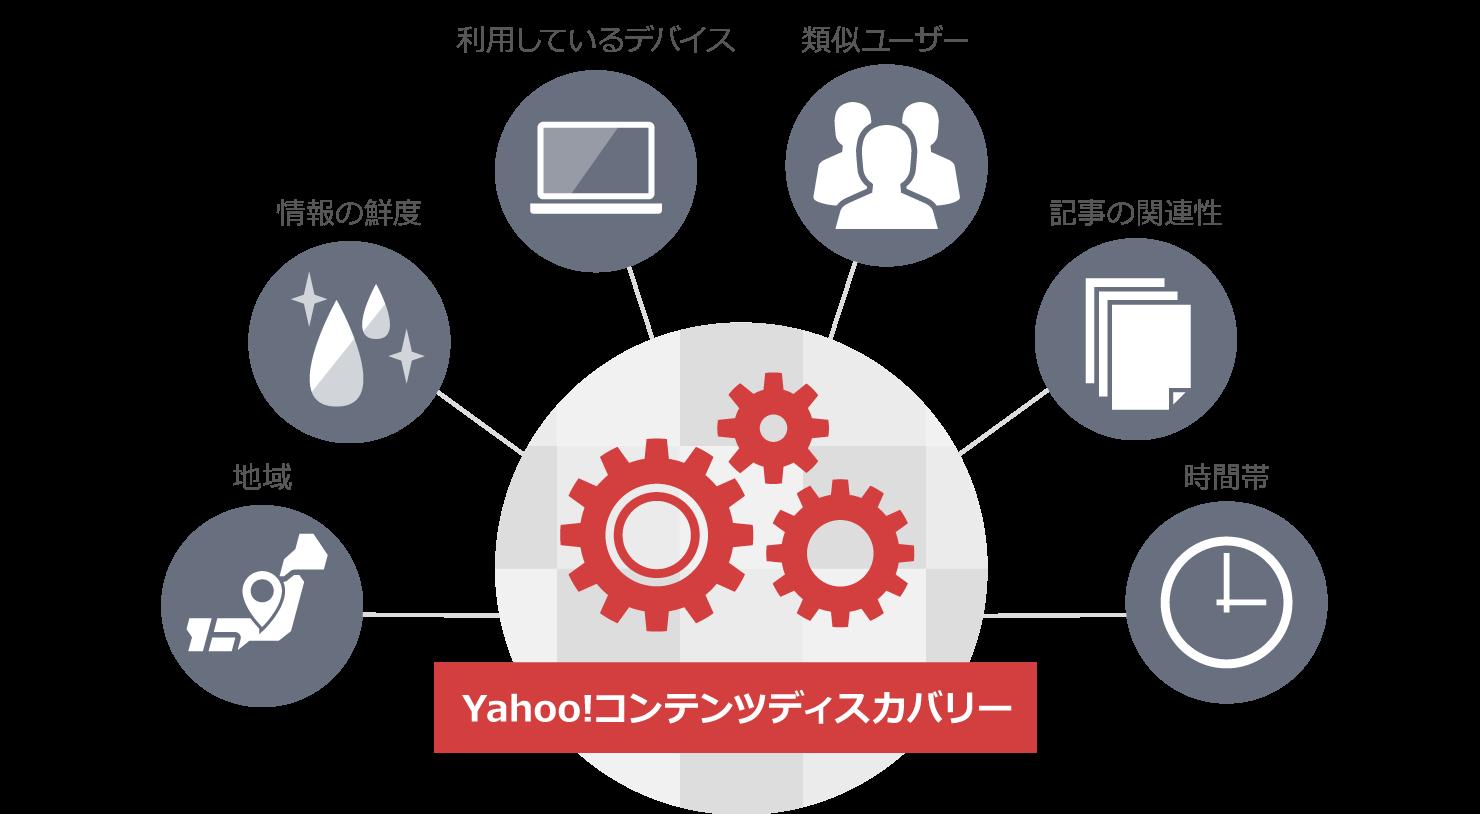 地域 情報の鮮度 利用しているデバイス 類似ユーザー 記事の関連性 SNSで話題 時間帯